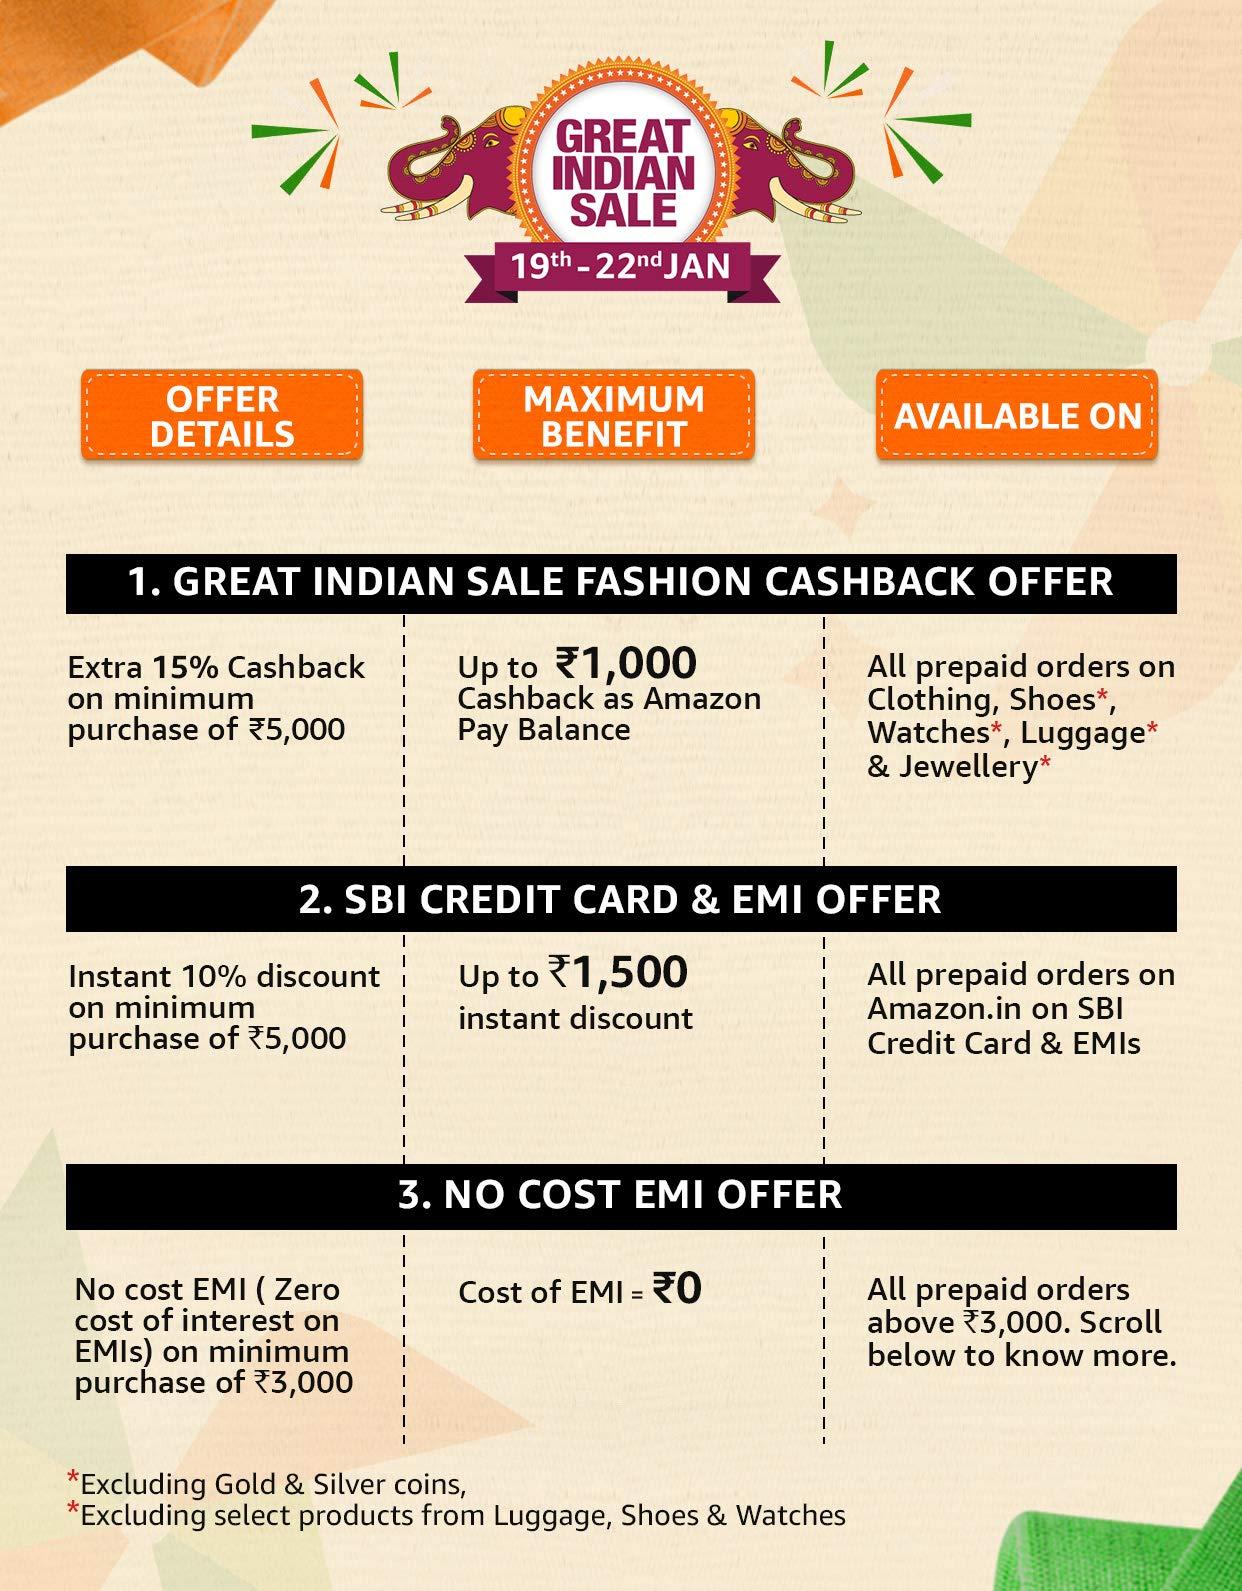 Fashion benefits